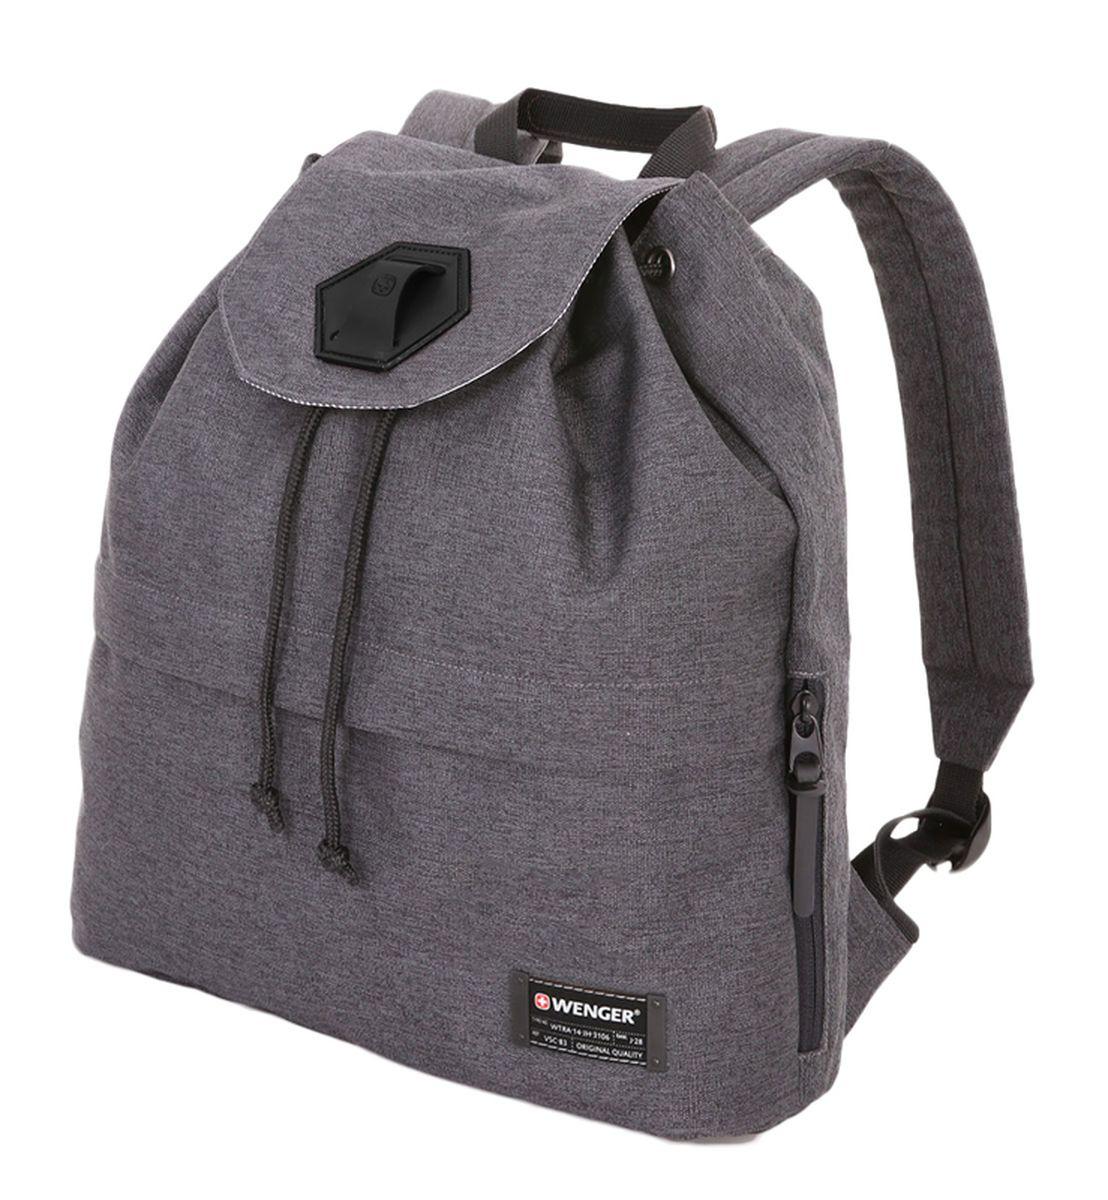 Рюкзак Wenger, цвет: серый. 5332424403 рюкзаки wenger 5332424403